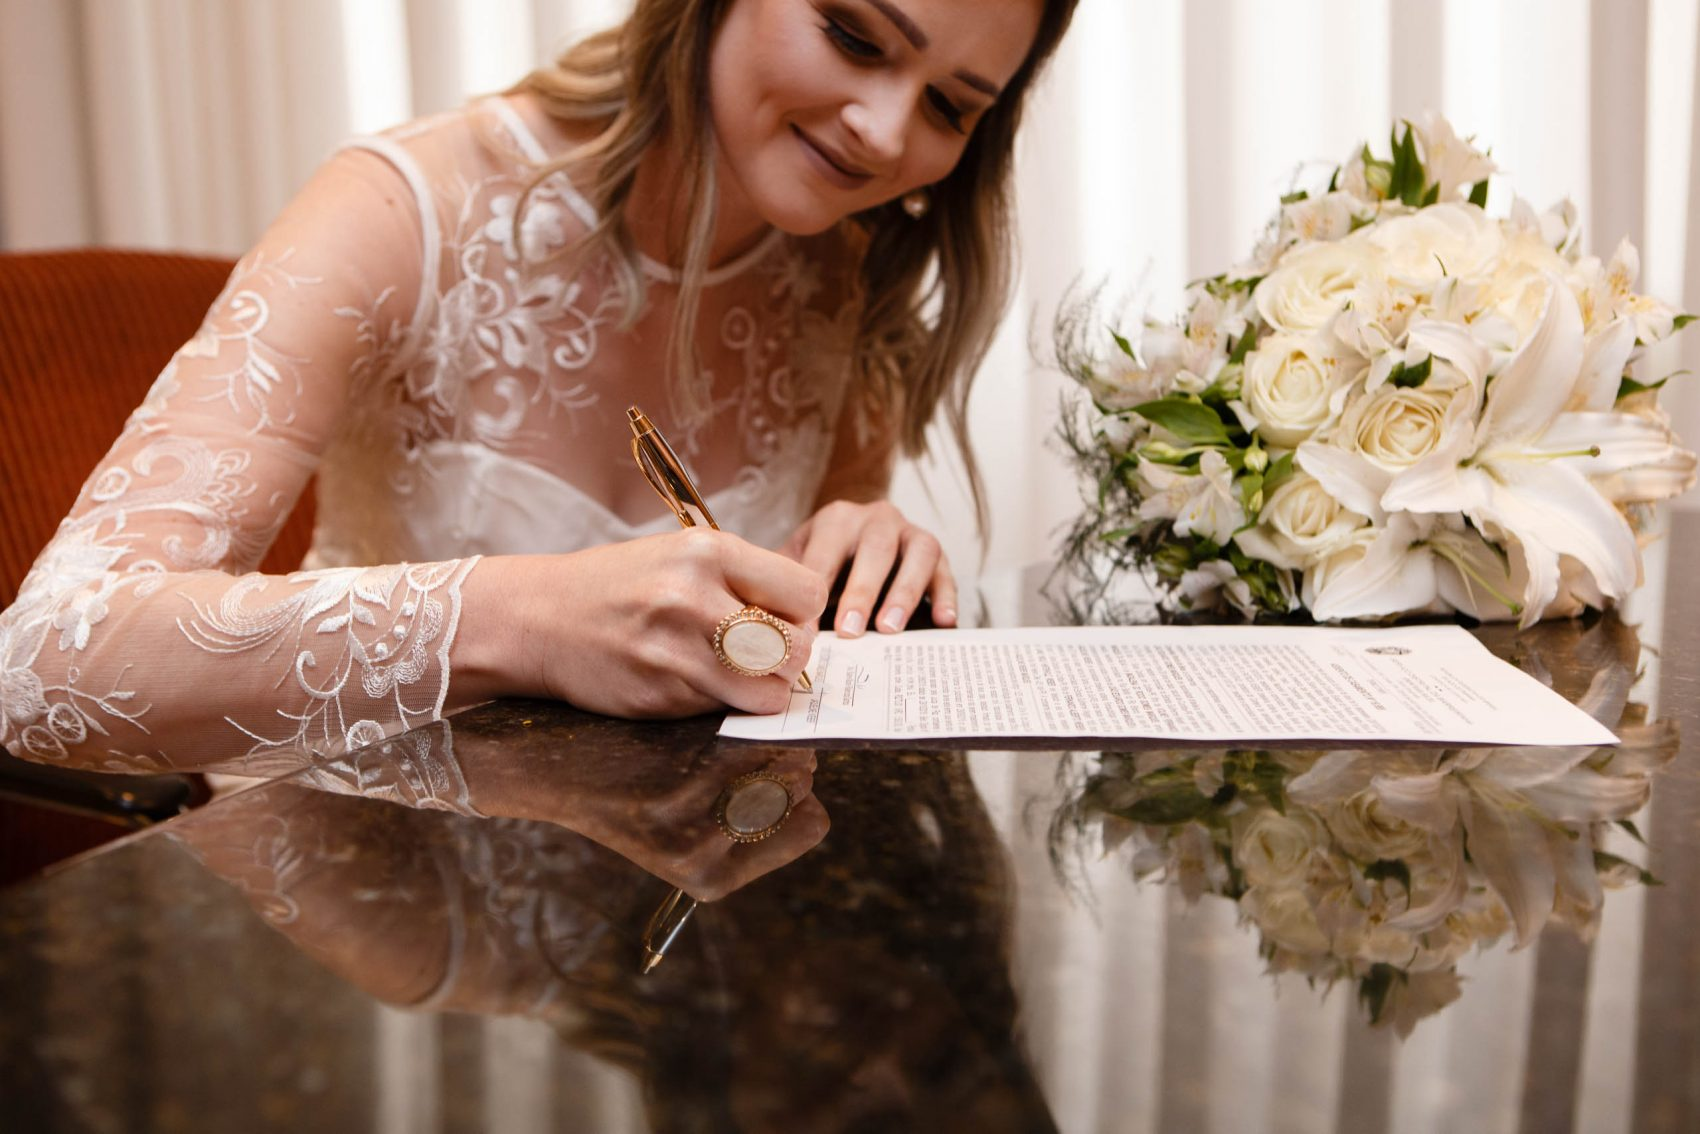 Cerimônia de casamento no civil